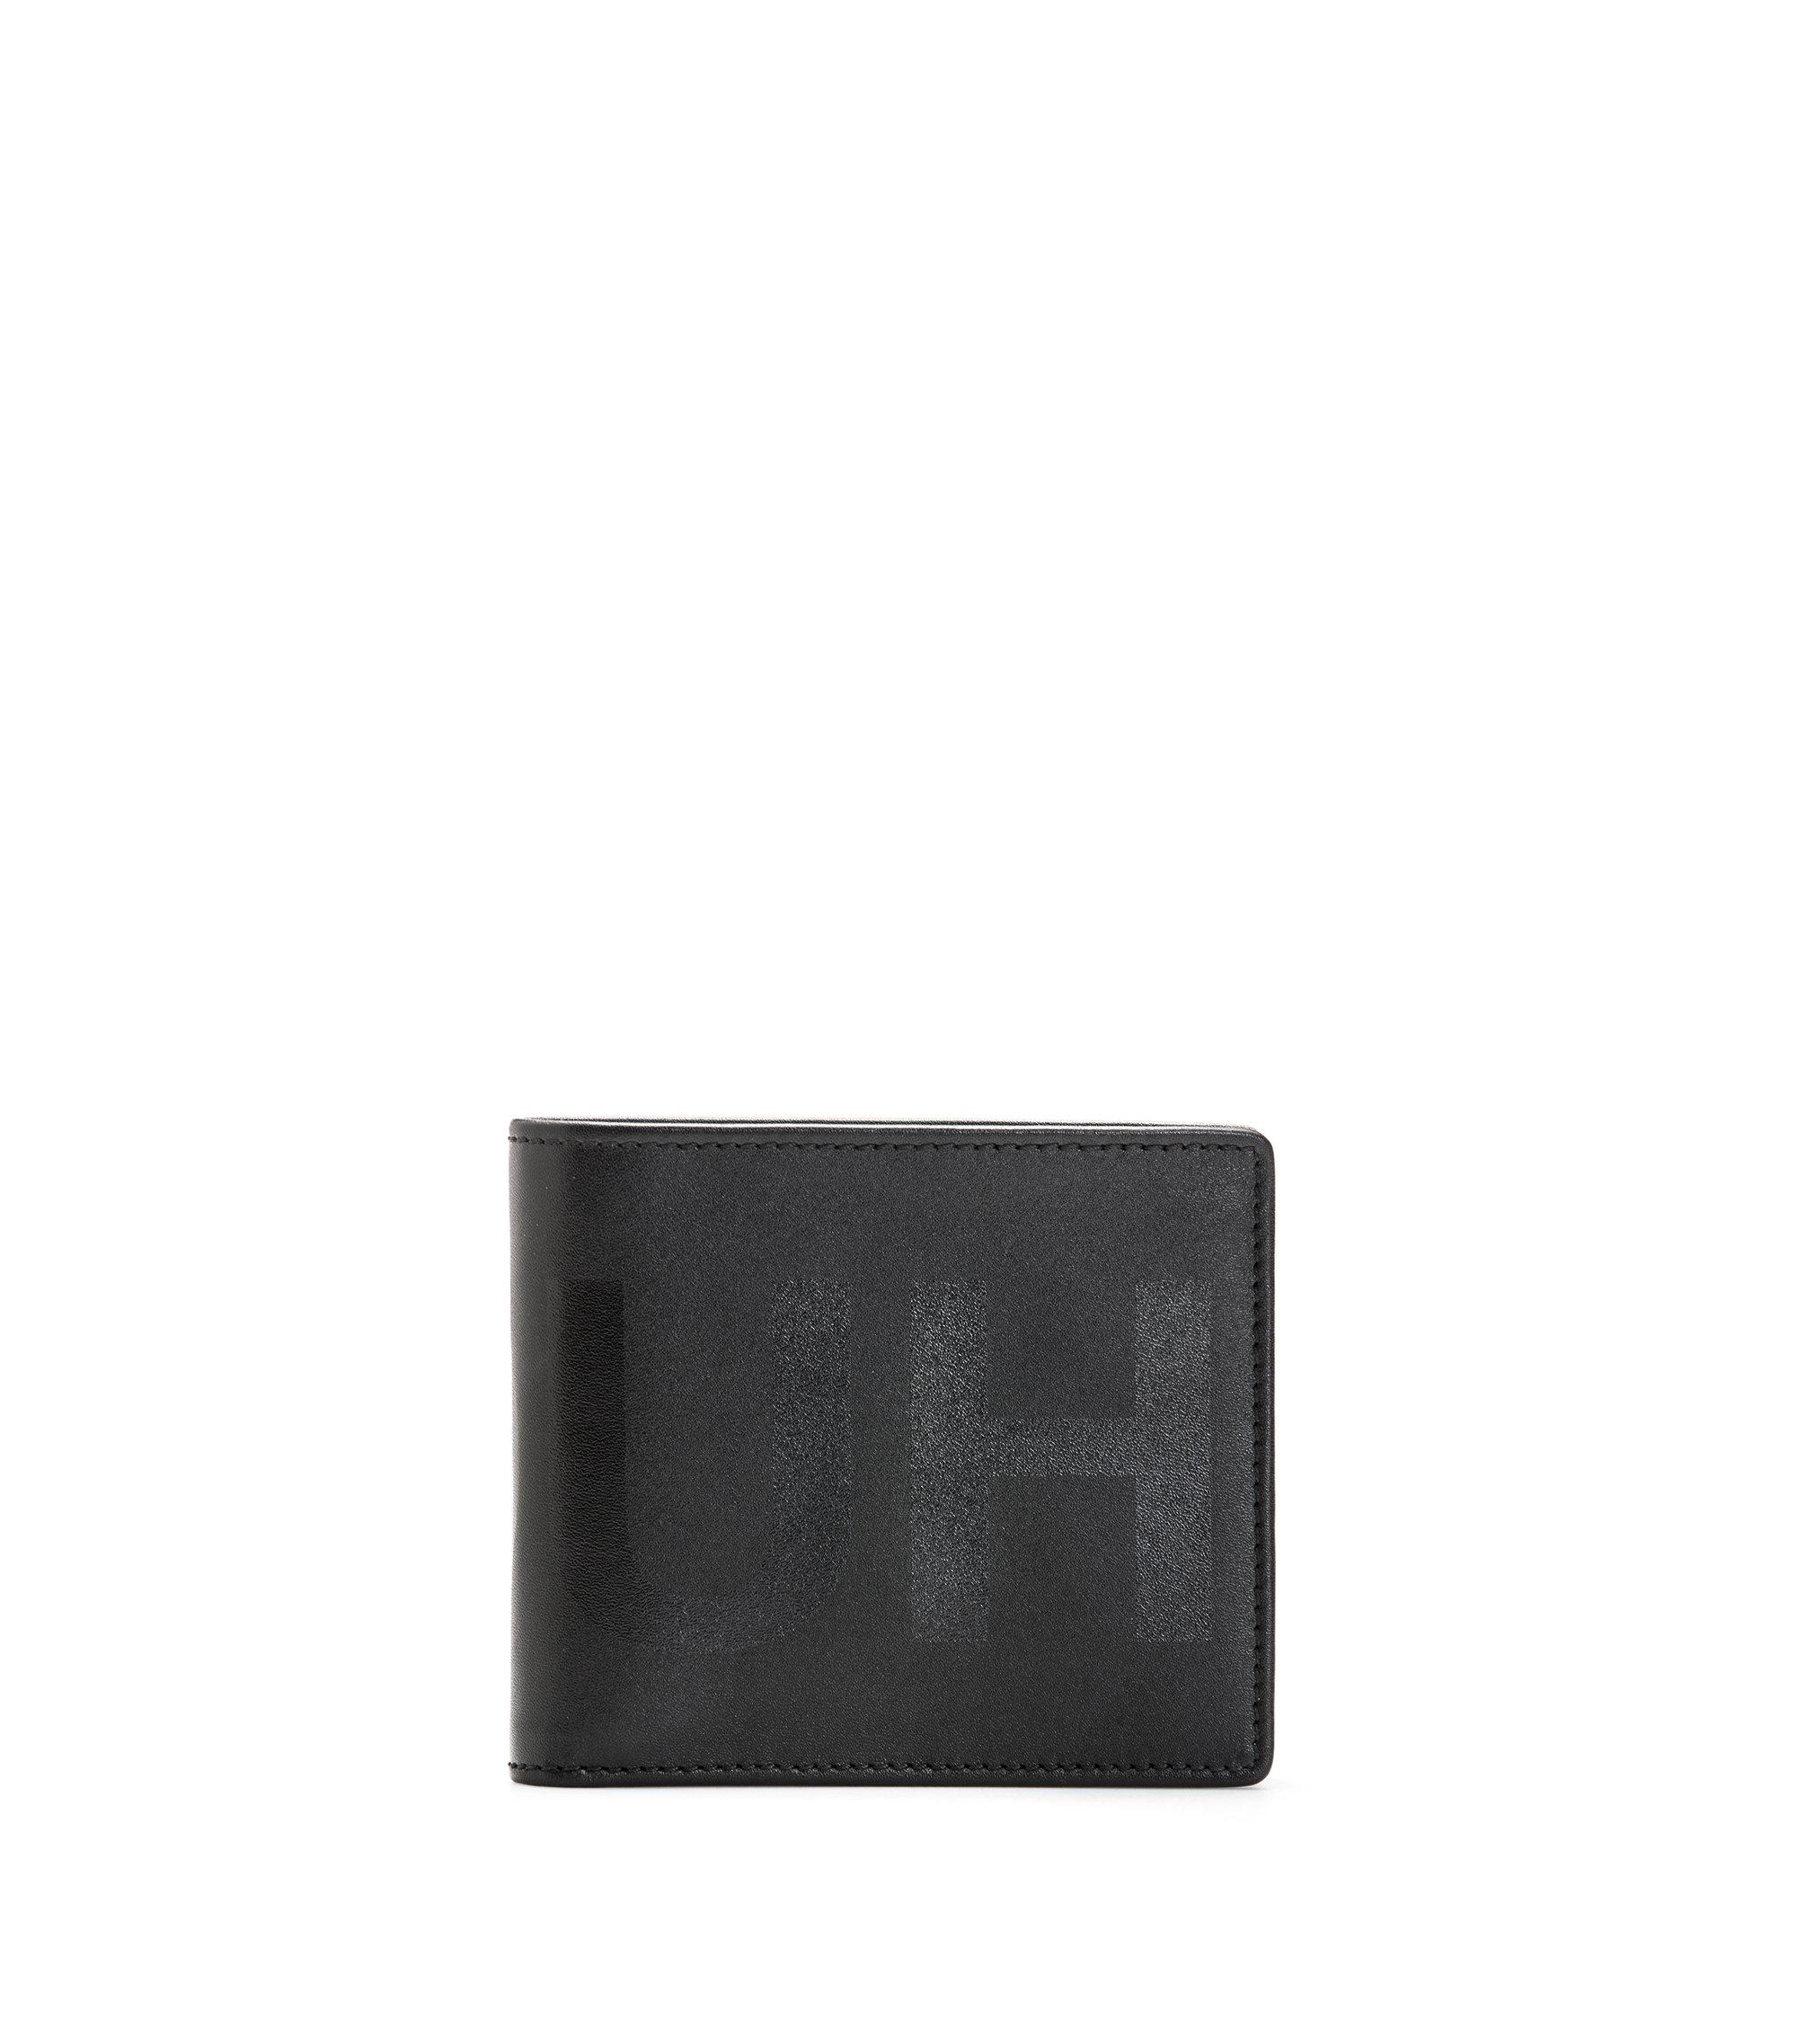 Portafoglio bi-fold in pelle con otto fessure per carte e logo a rovescio tono su tono, Nero